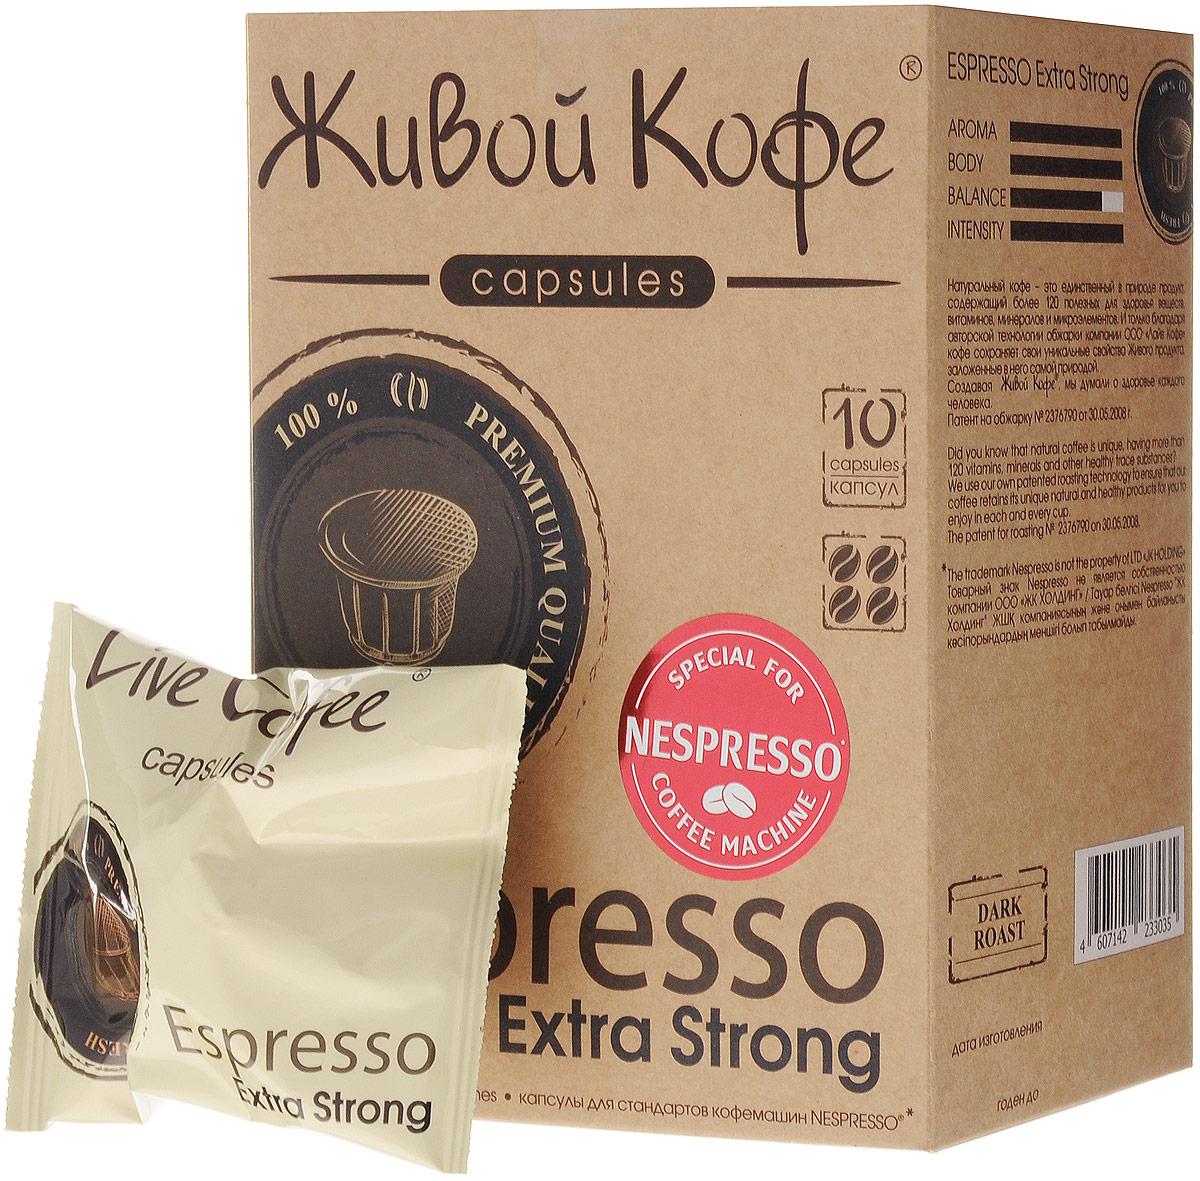 Живой Кофе Espresso Extra Strong кофе в капсулах (индивидуальная упаковка), 10 штУПП00003277Живой Кофе Espresso Extra Strong - натуральный молотый кофе темной обжарки в капсулах. Очень крепкий и бодрящий напиток в капсулах формата Nespresso для настоящих гурманов. Ароматный кофе с насыщенным терпким послевкусием и фруктовыми нотами.Каждая капсула упакована в индивидуальный пакет для сохранения свежести и качества кофе. Благодаря авторской технологии обжарки группы компаний Сафари кофе, напиток сохраняет свои уникальные свойства, заложенные самой природой.Уважаемые клиенты! Обращаем ваше внимание на то, что упаковка может иметь несколько видов дизайна. Поставка осуществляется в зависимости от наличия на складе.